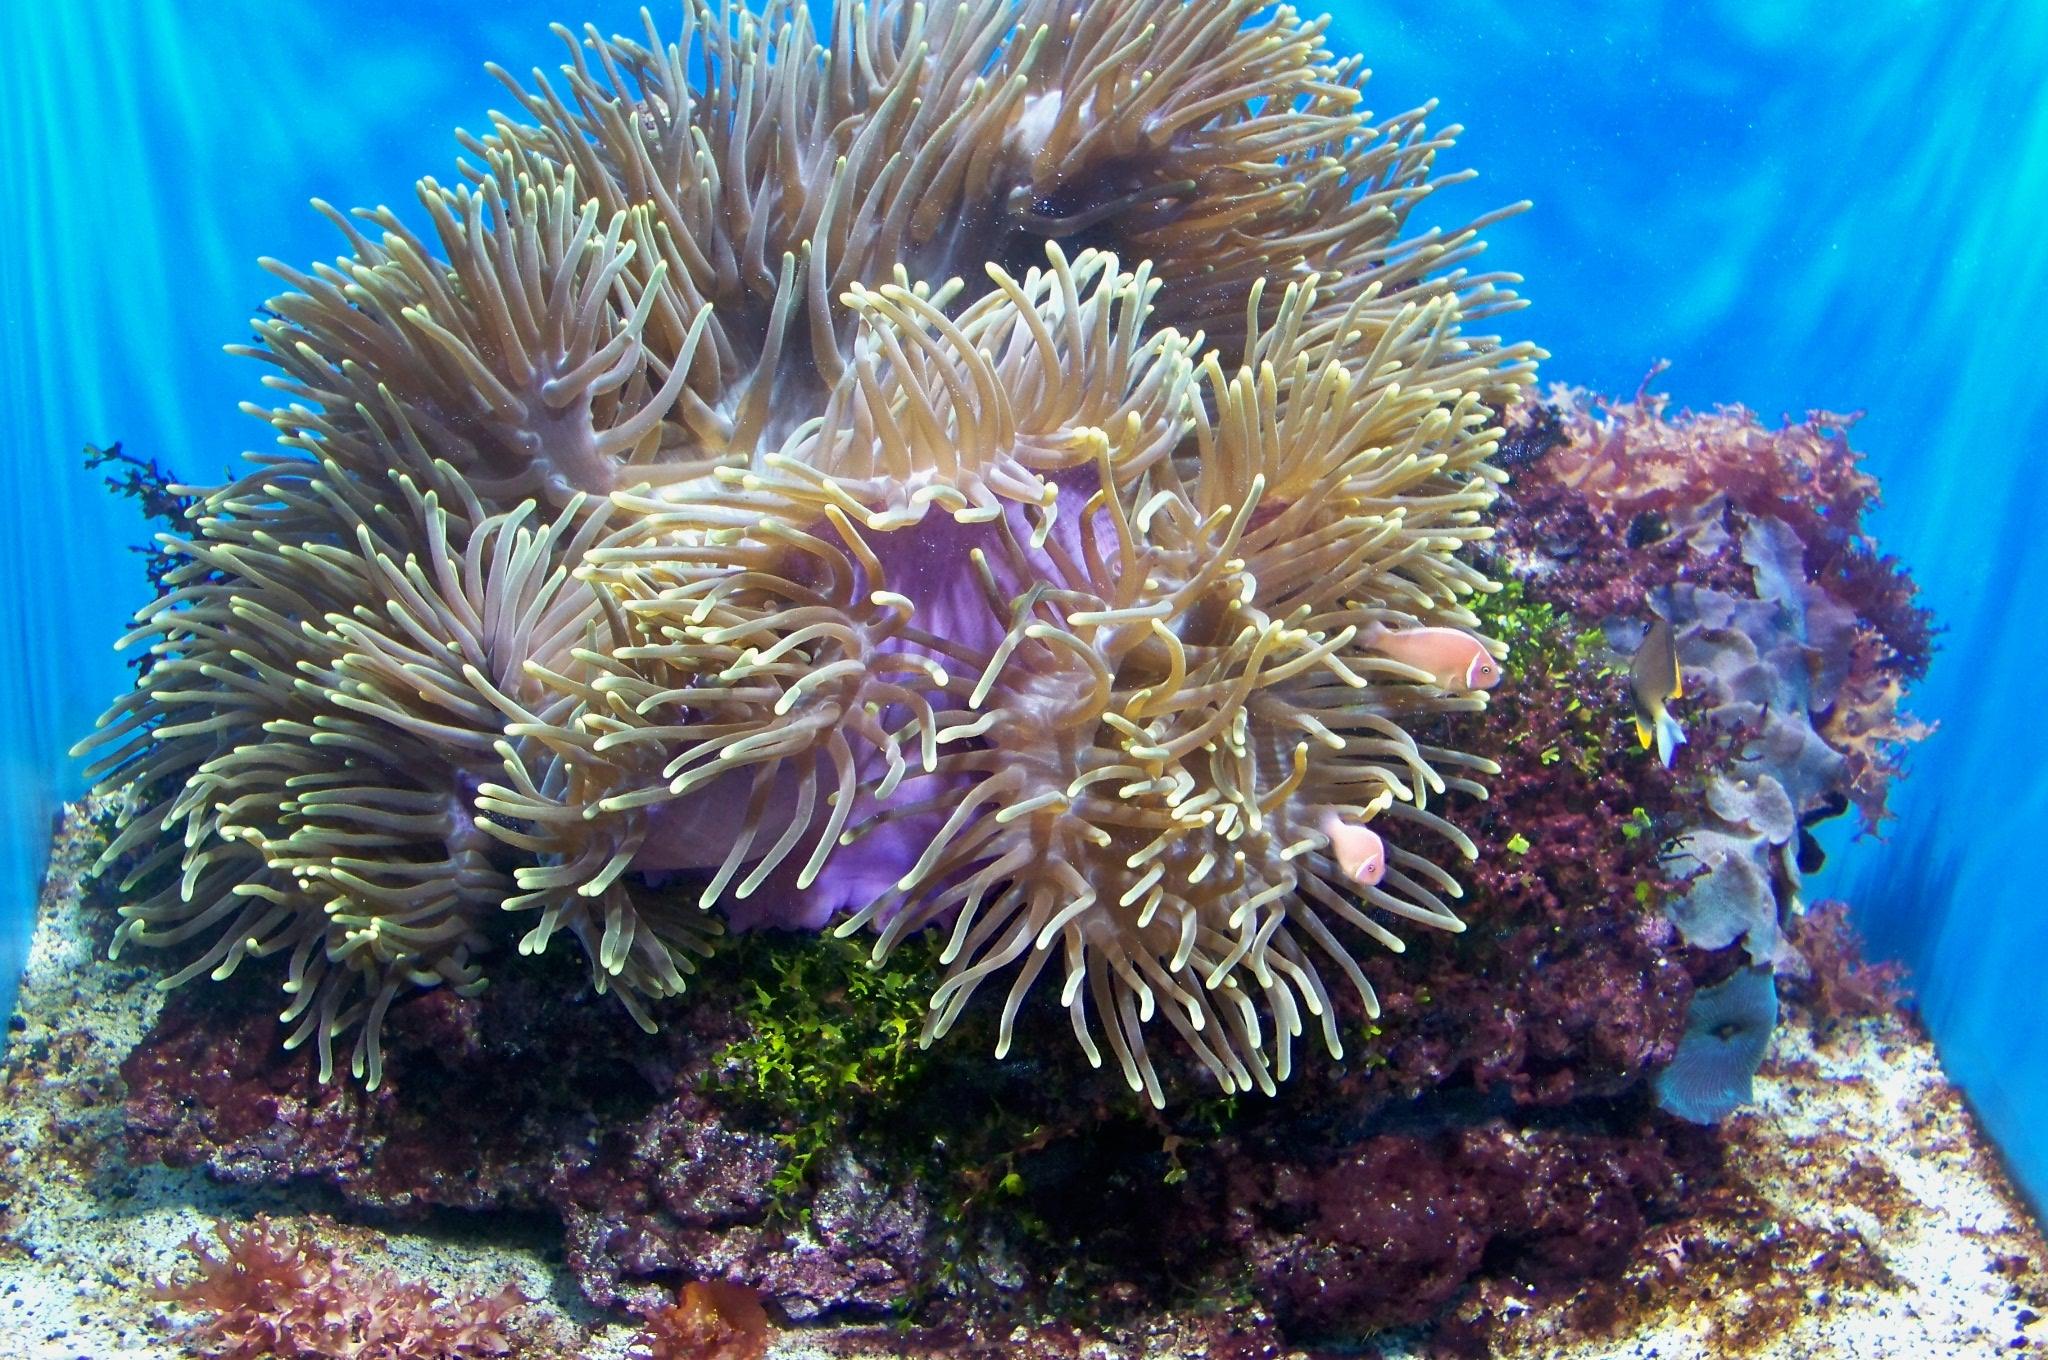 Coral Aquarium : Description CAS-Aquarium-Coral and Clownfish 2.JPG